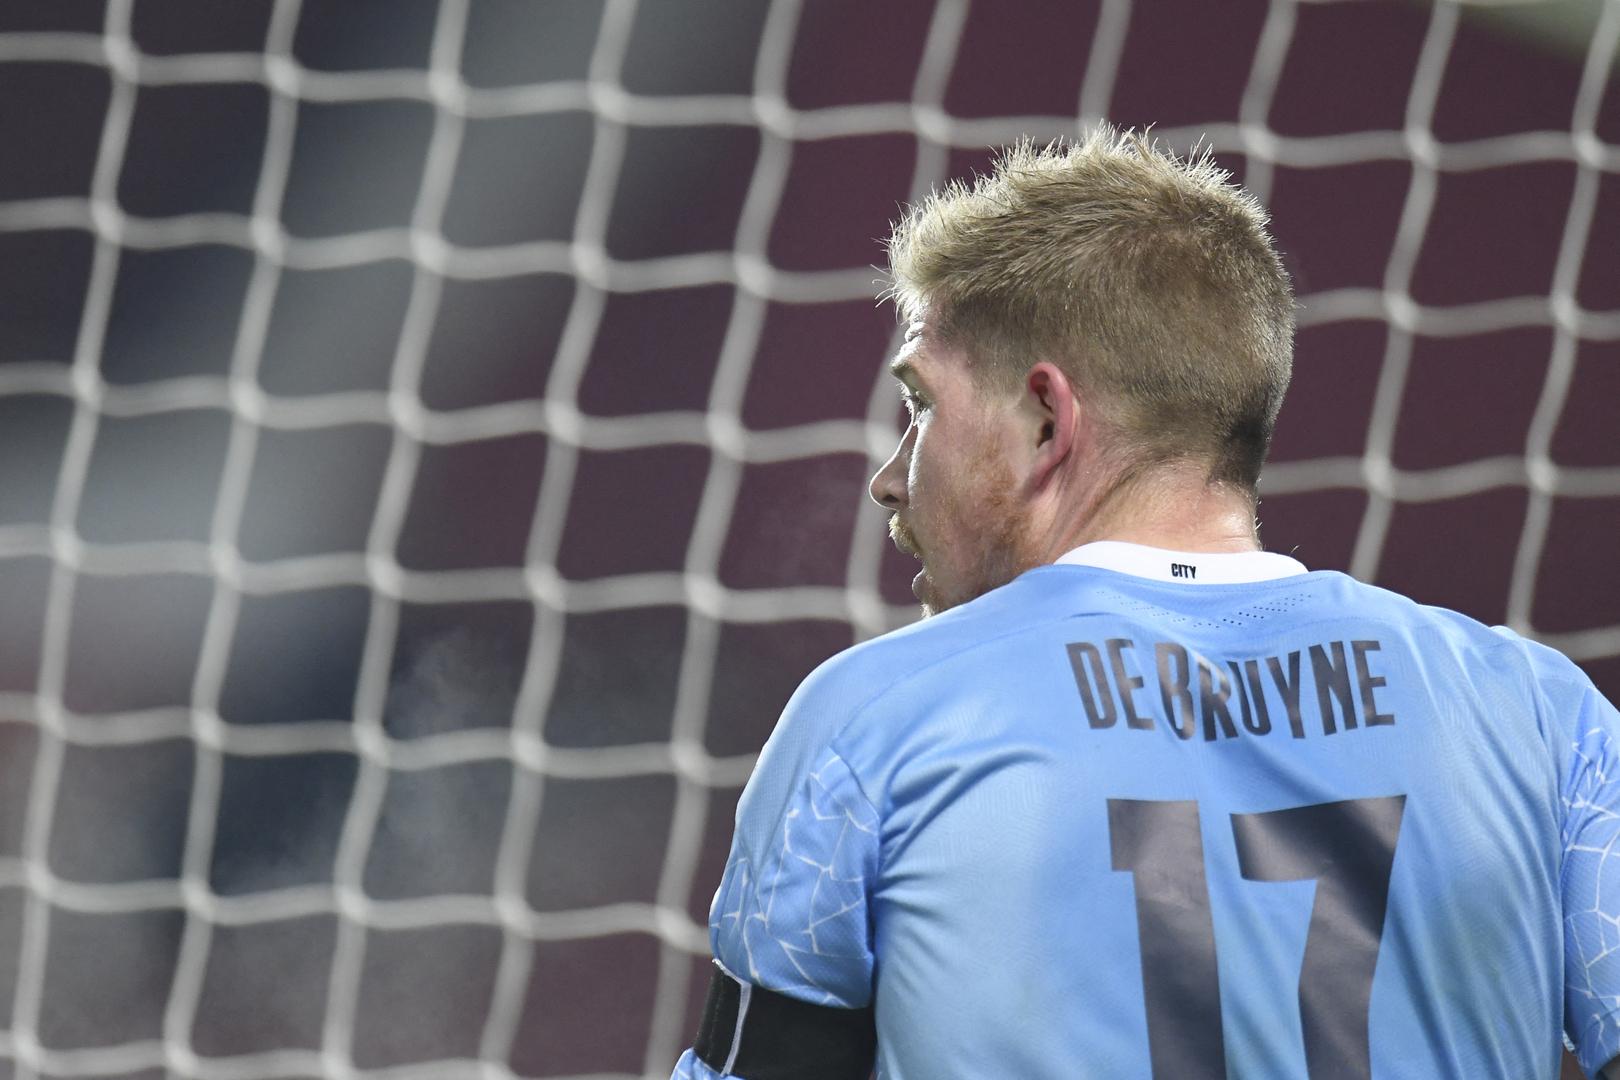 دي بروين يجدد عقده مع مانشستر سيتي حتى العام 2025